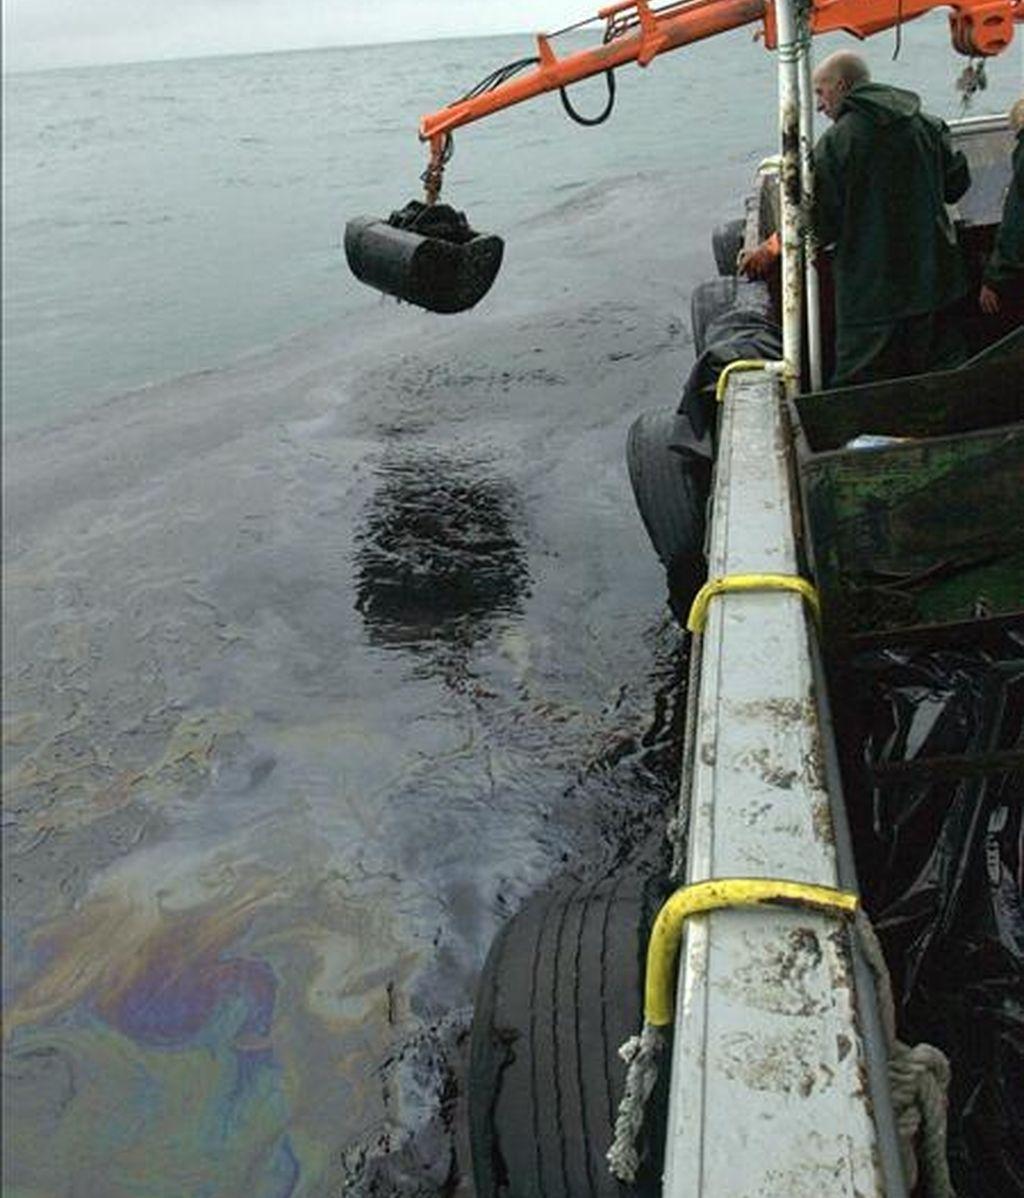 Marineros de la ría de Arosa recogen el petróleo del mar con la grúa de su barco pesquero durante la movilización para evitar que la mancha de fuel entre en la ría, tras el accidente del Prestige. EFE/Archivo